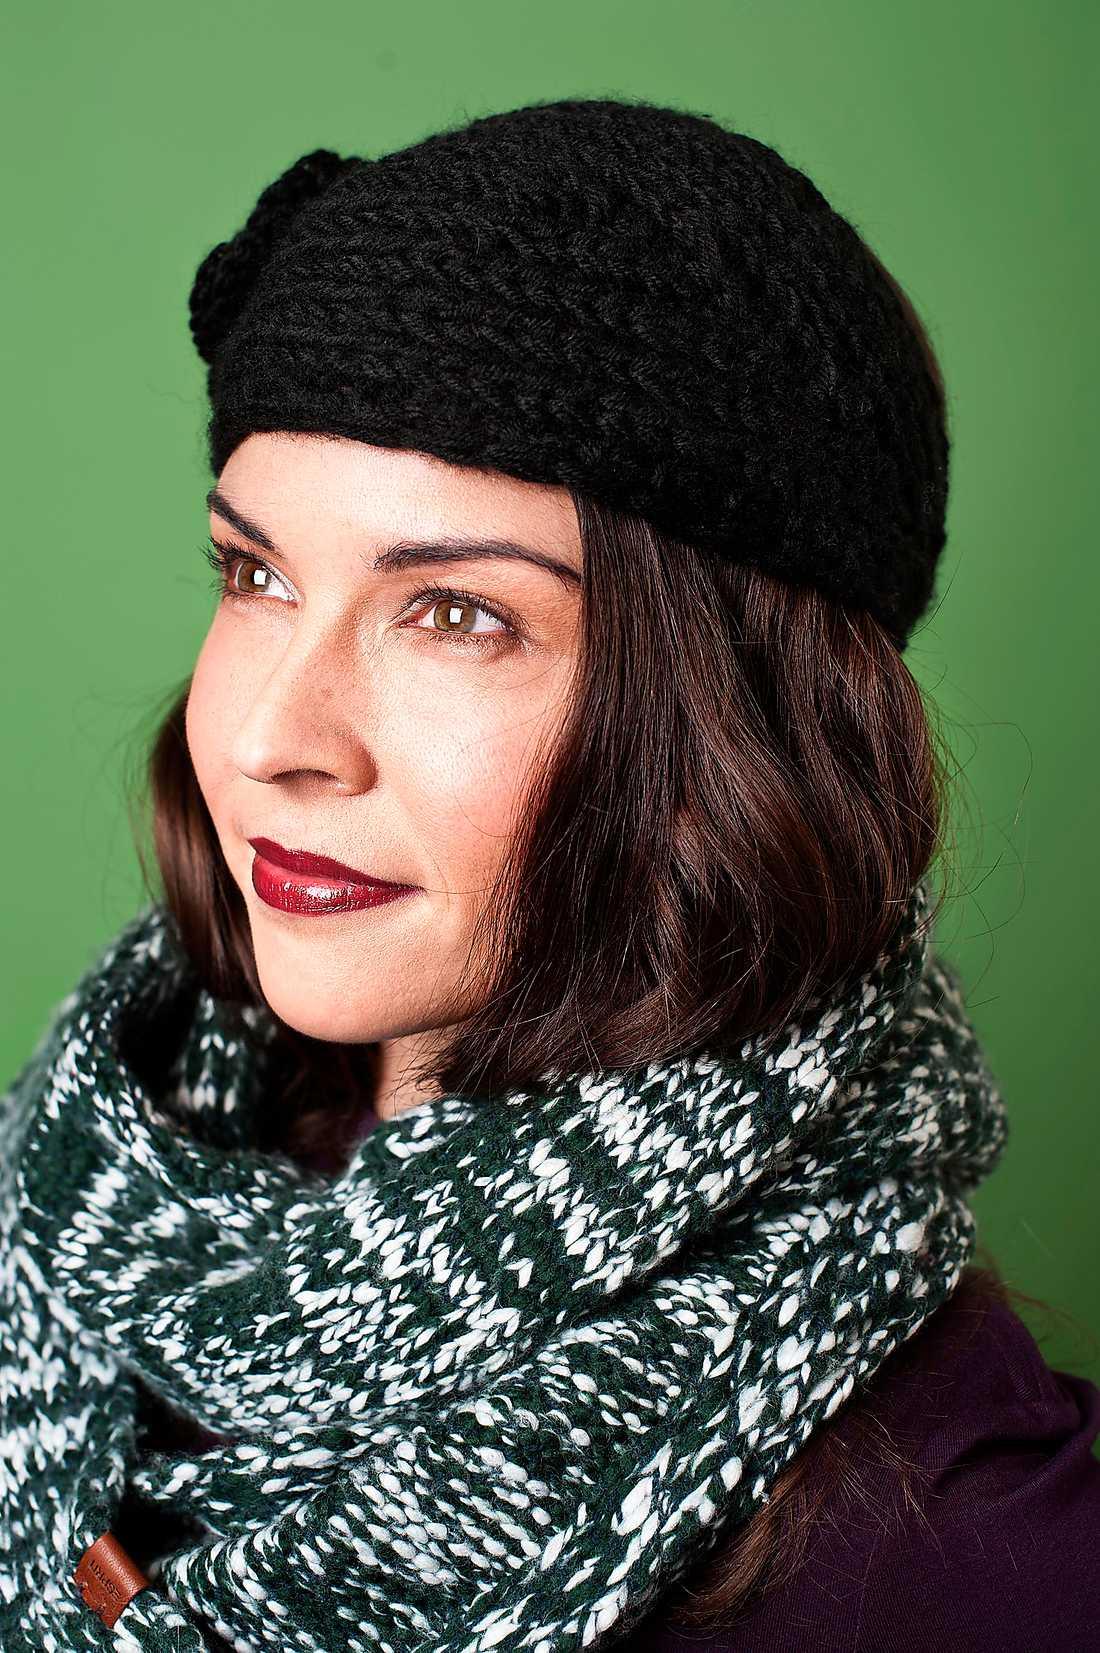 5. Varm i kläderna Svart stickat headband i akryl med blomapplikation, 80 kr, Glitter. Grönvit rundstickad halsduk, 399 kr, Esprit Men Casual.